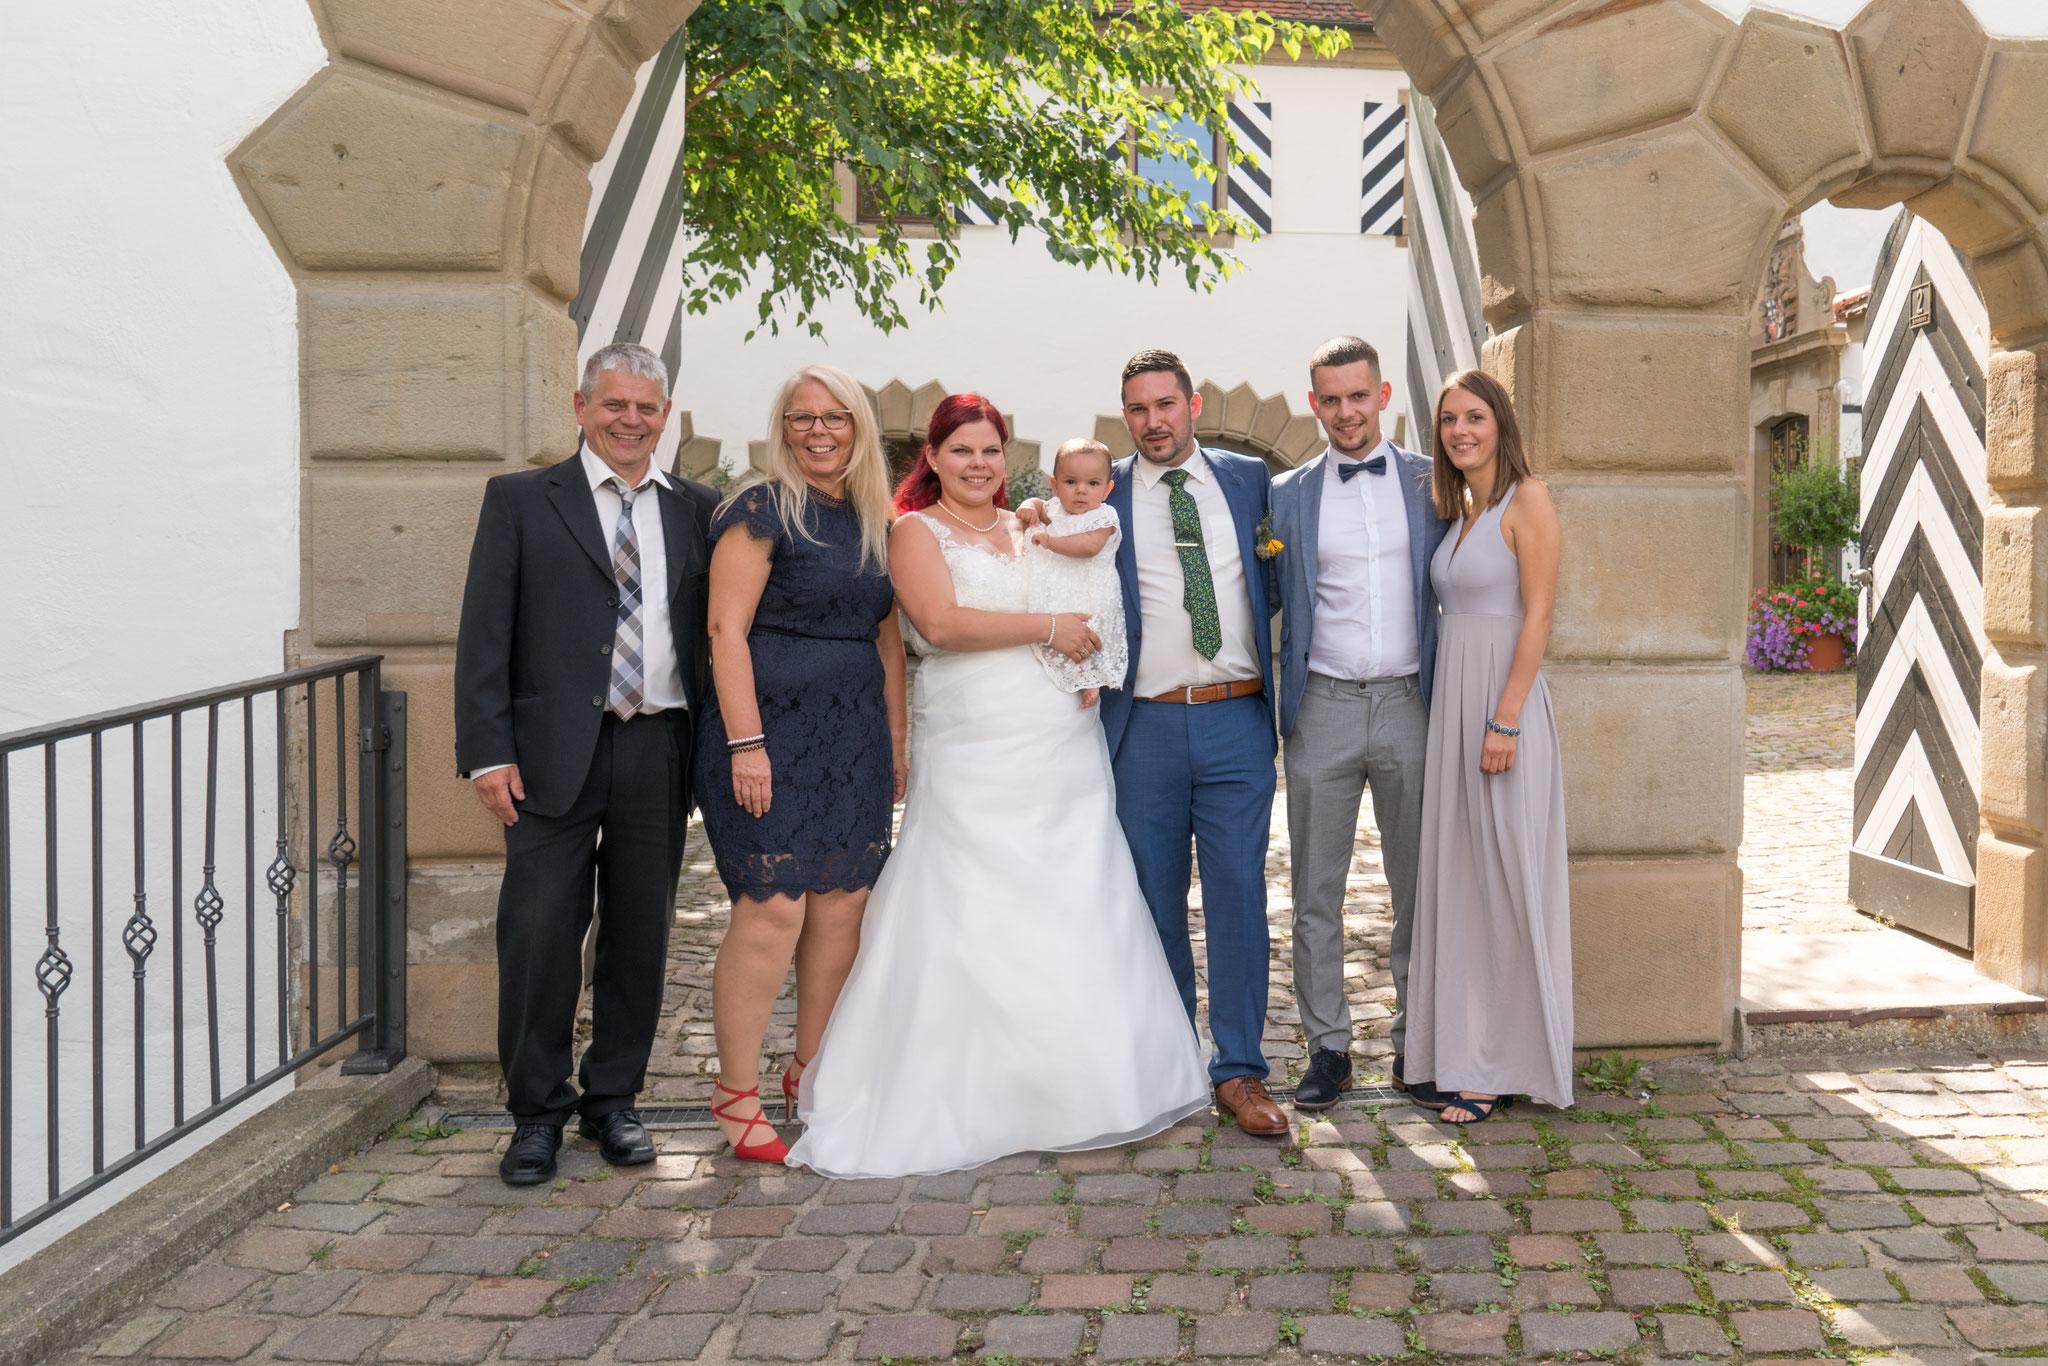 Familie Wehrbach und die frisch verheirateten Schneiders.